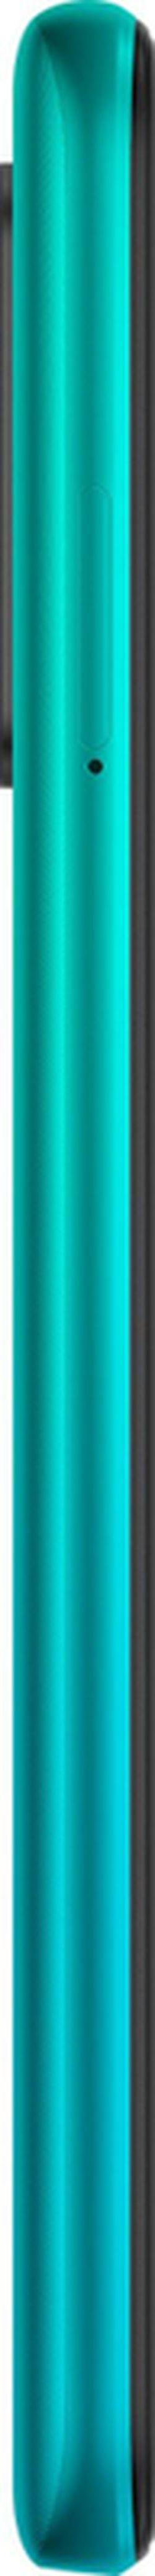 Мобильный телефон Xiaomi Redmi 9 4Gb/64Gb Ocean Green